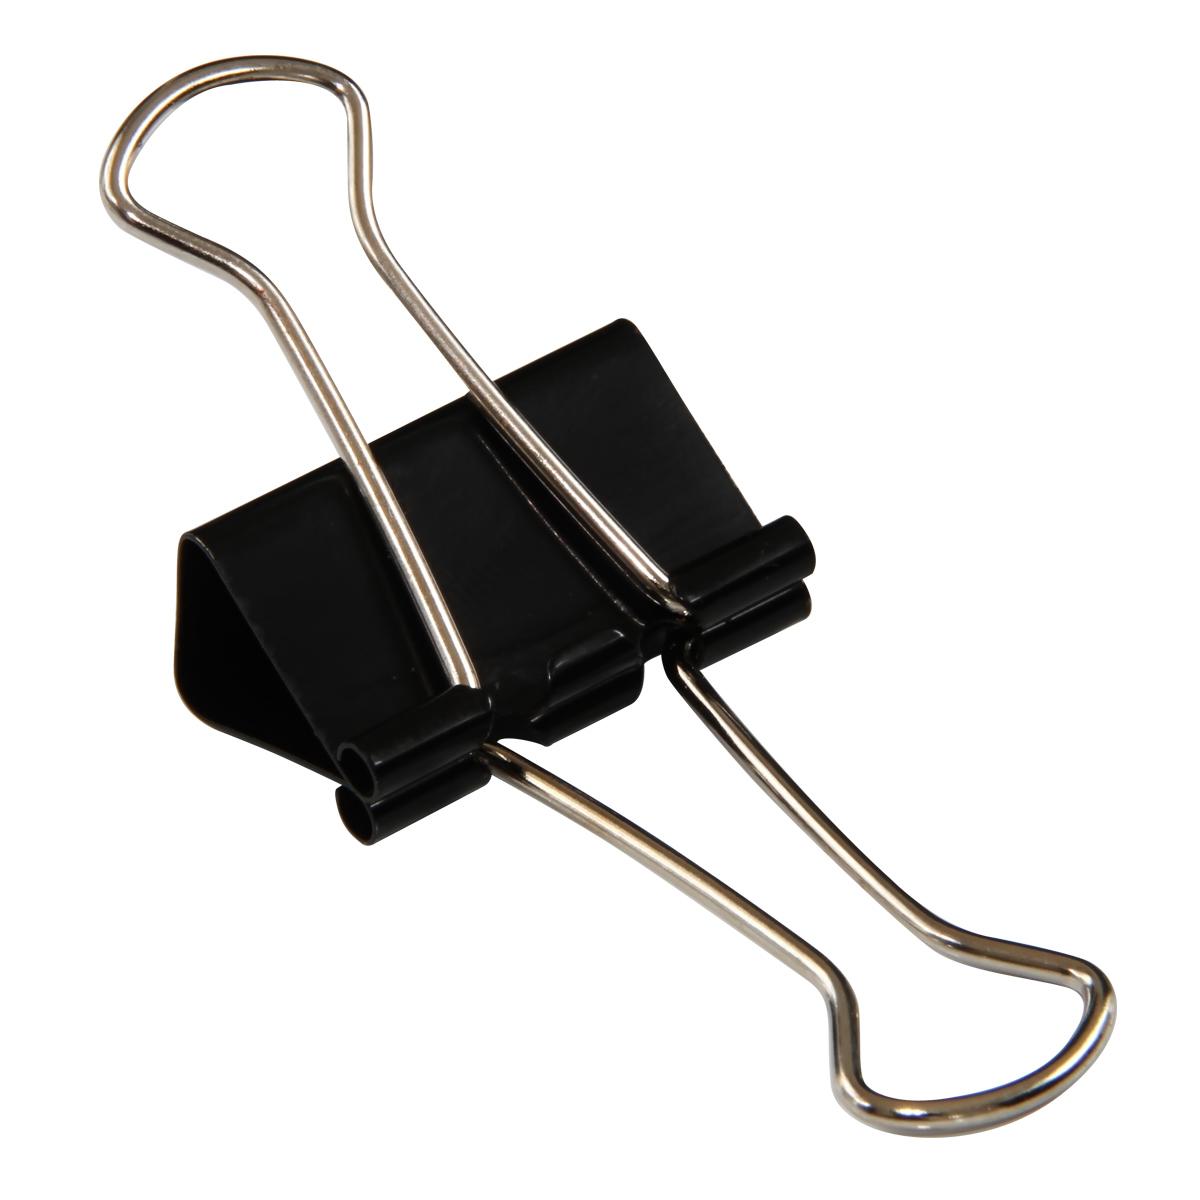 得力(deli)8561长尾夹燕尾夹票据夹铁尾夹文件夹子 51mm  12只一筒装 黑色